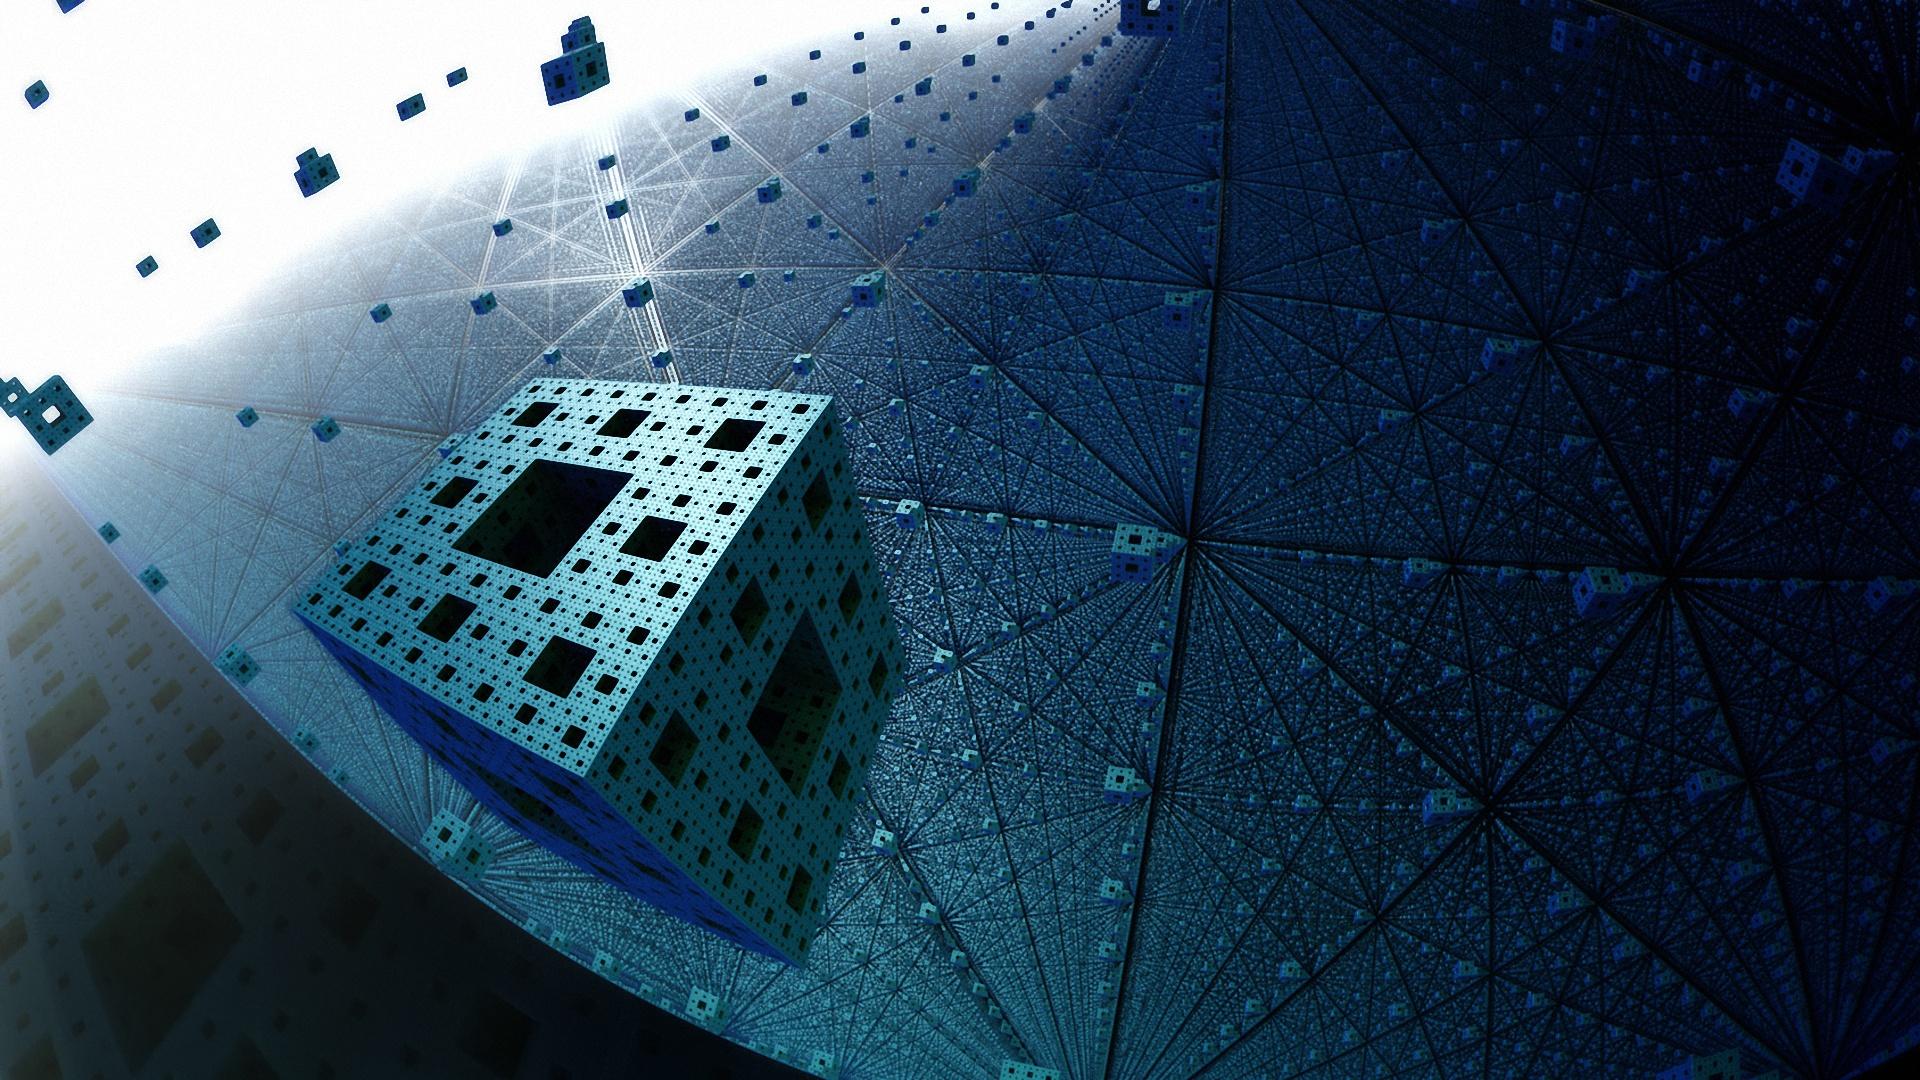 геометрические искажения фотографии своими